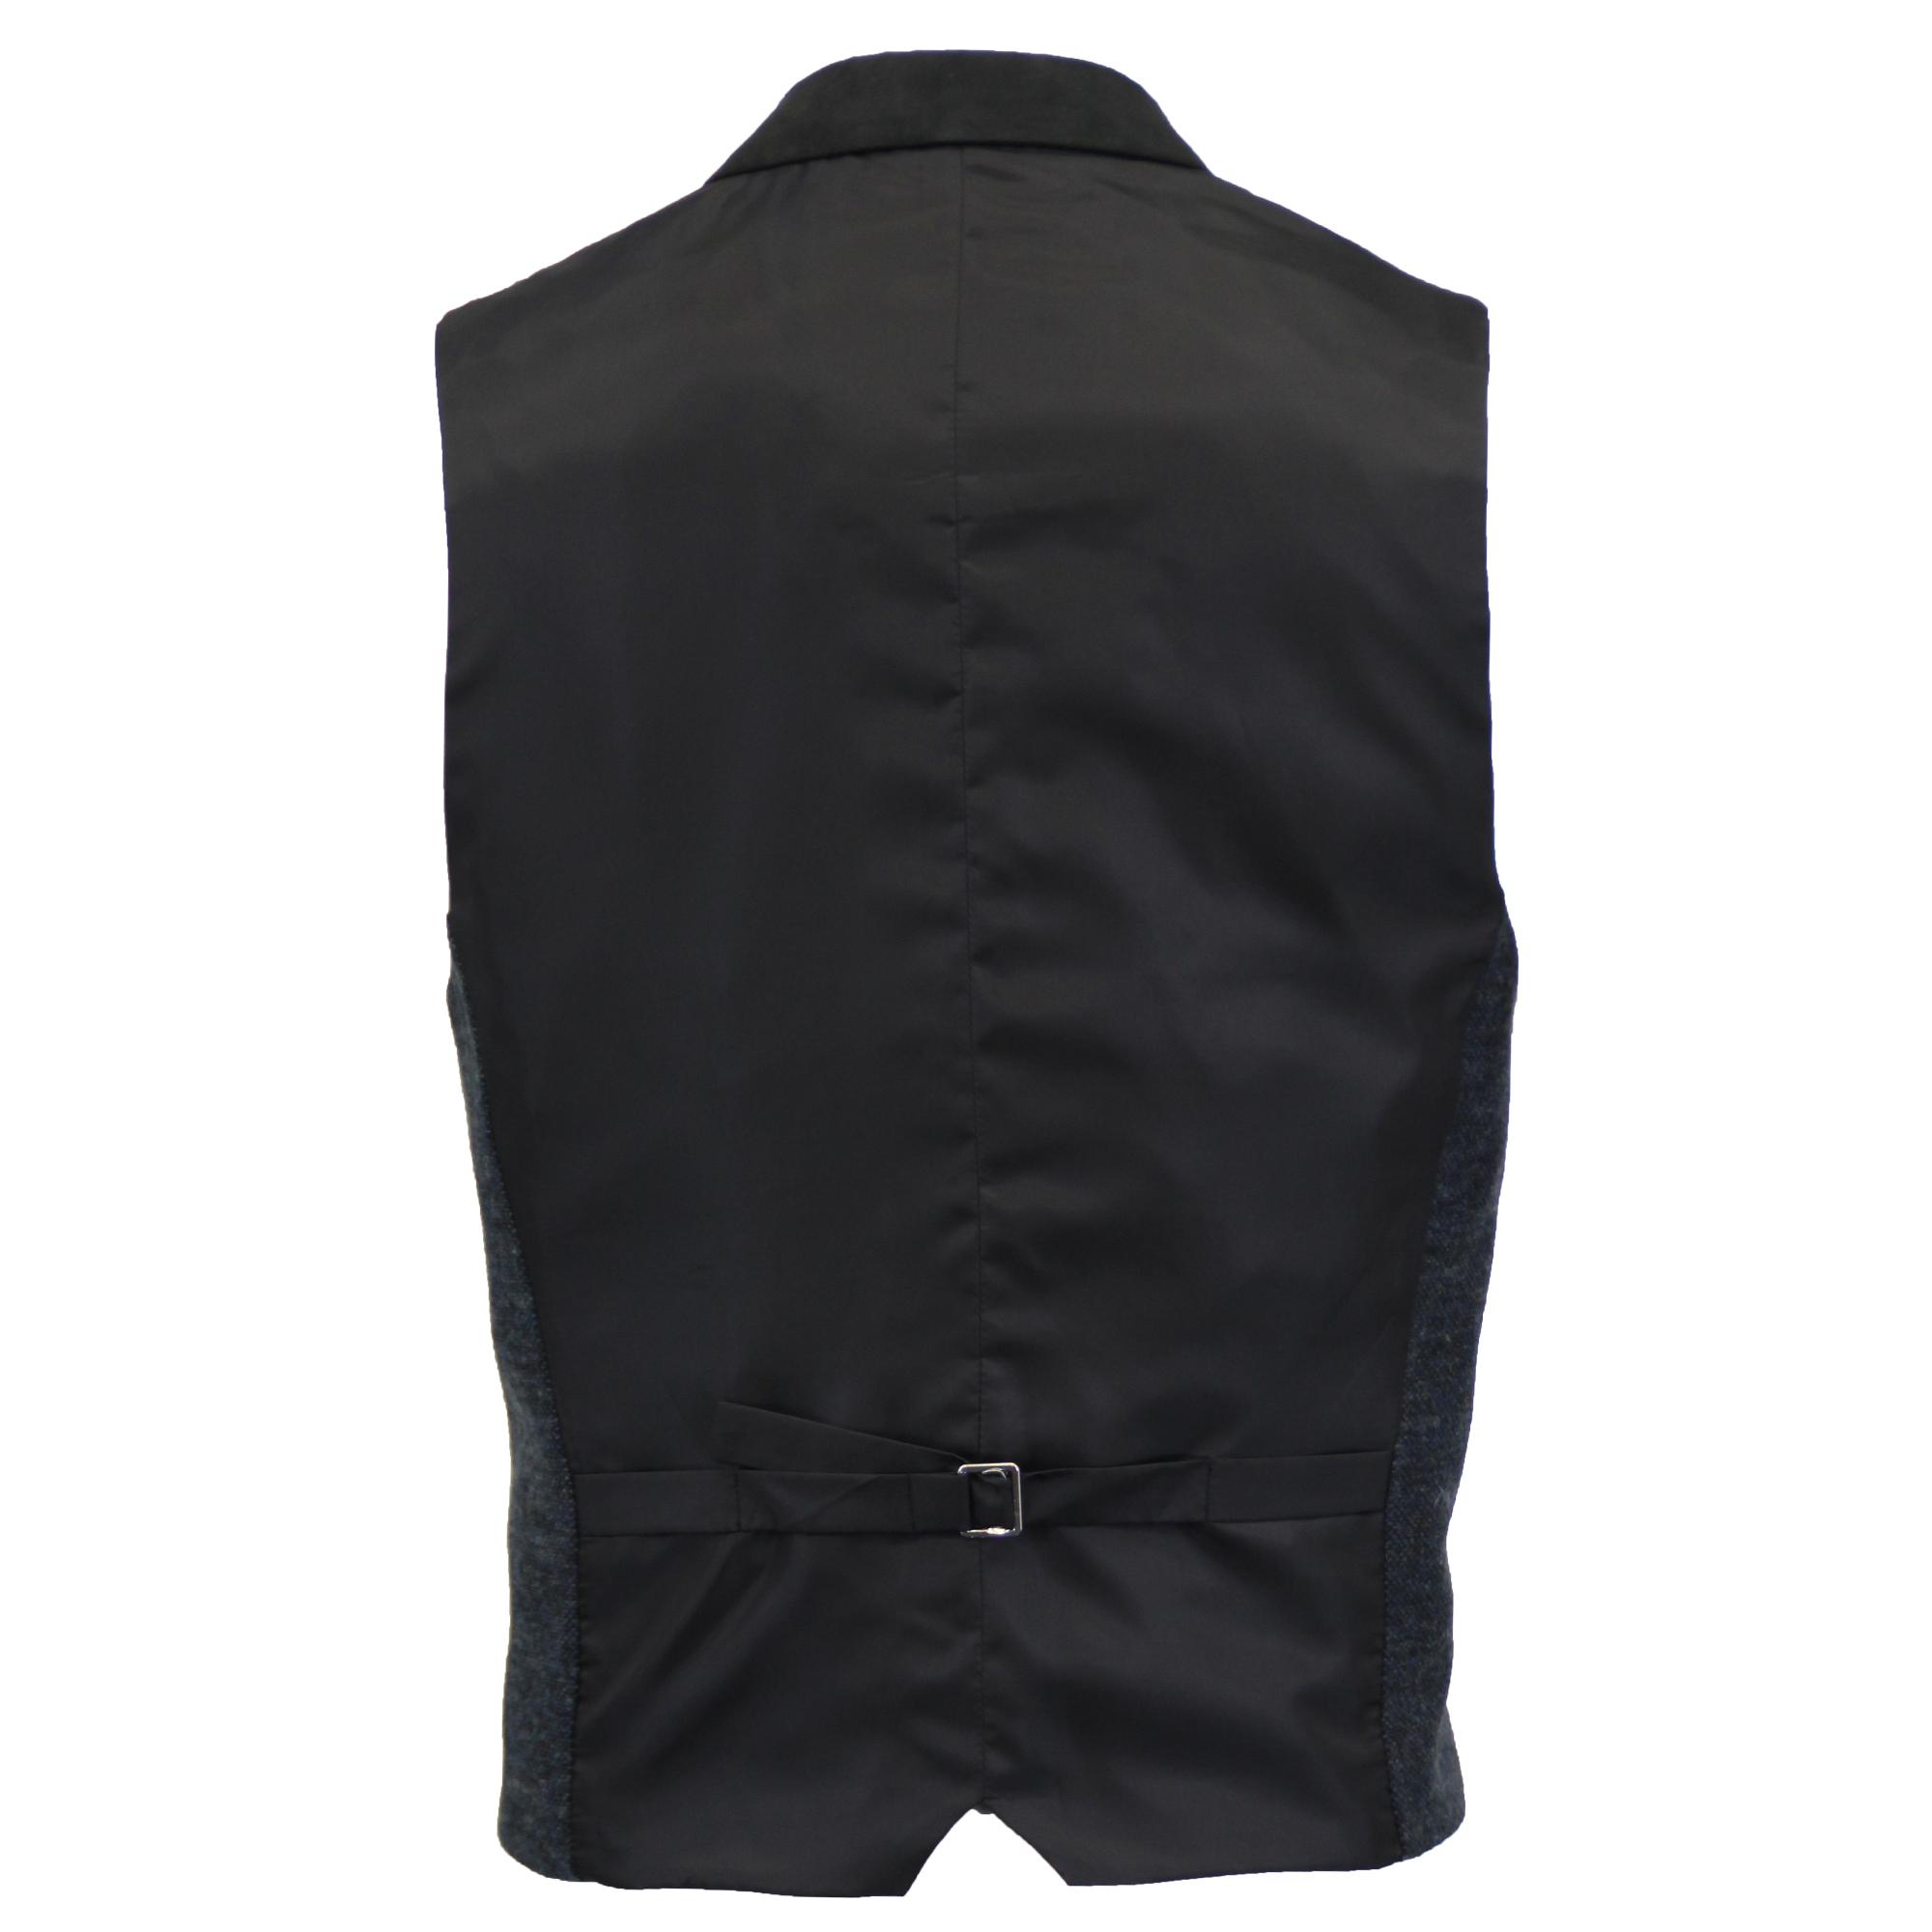 Mezcla-de-lana-para-hombre-mareno-Chaleco-Chaleco-Formal-Herringbone-Tweed-Cuadros-Forrado-de miniatura 15